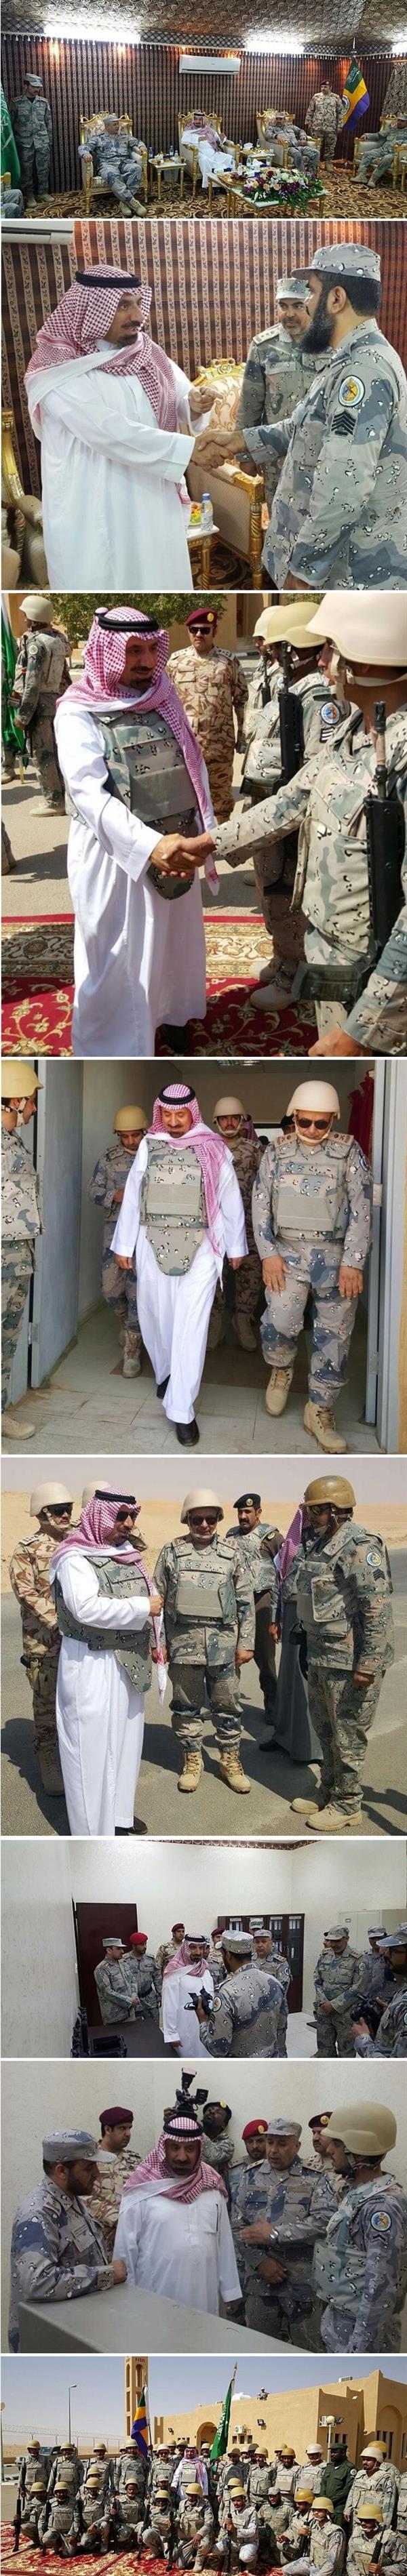 أمير منطقة نجران ينقل تحيات القيادة لرجال حرس الحدود